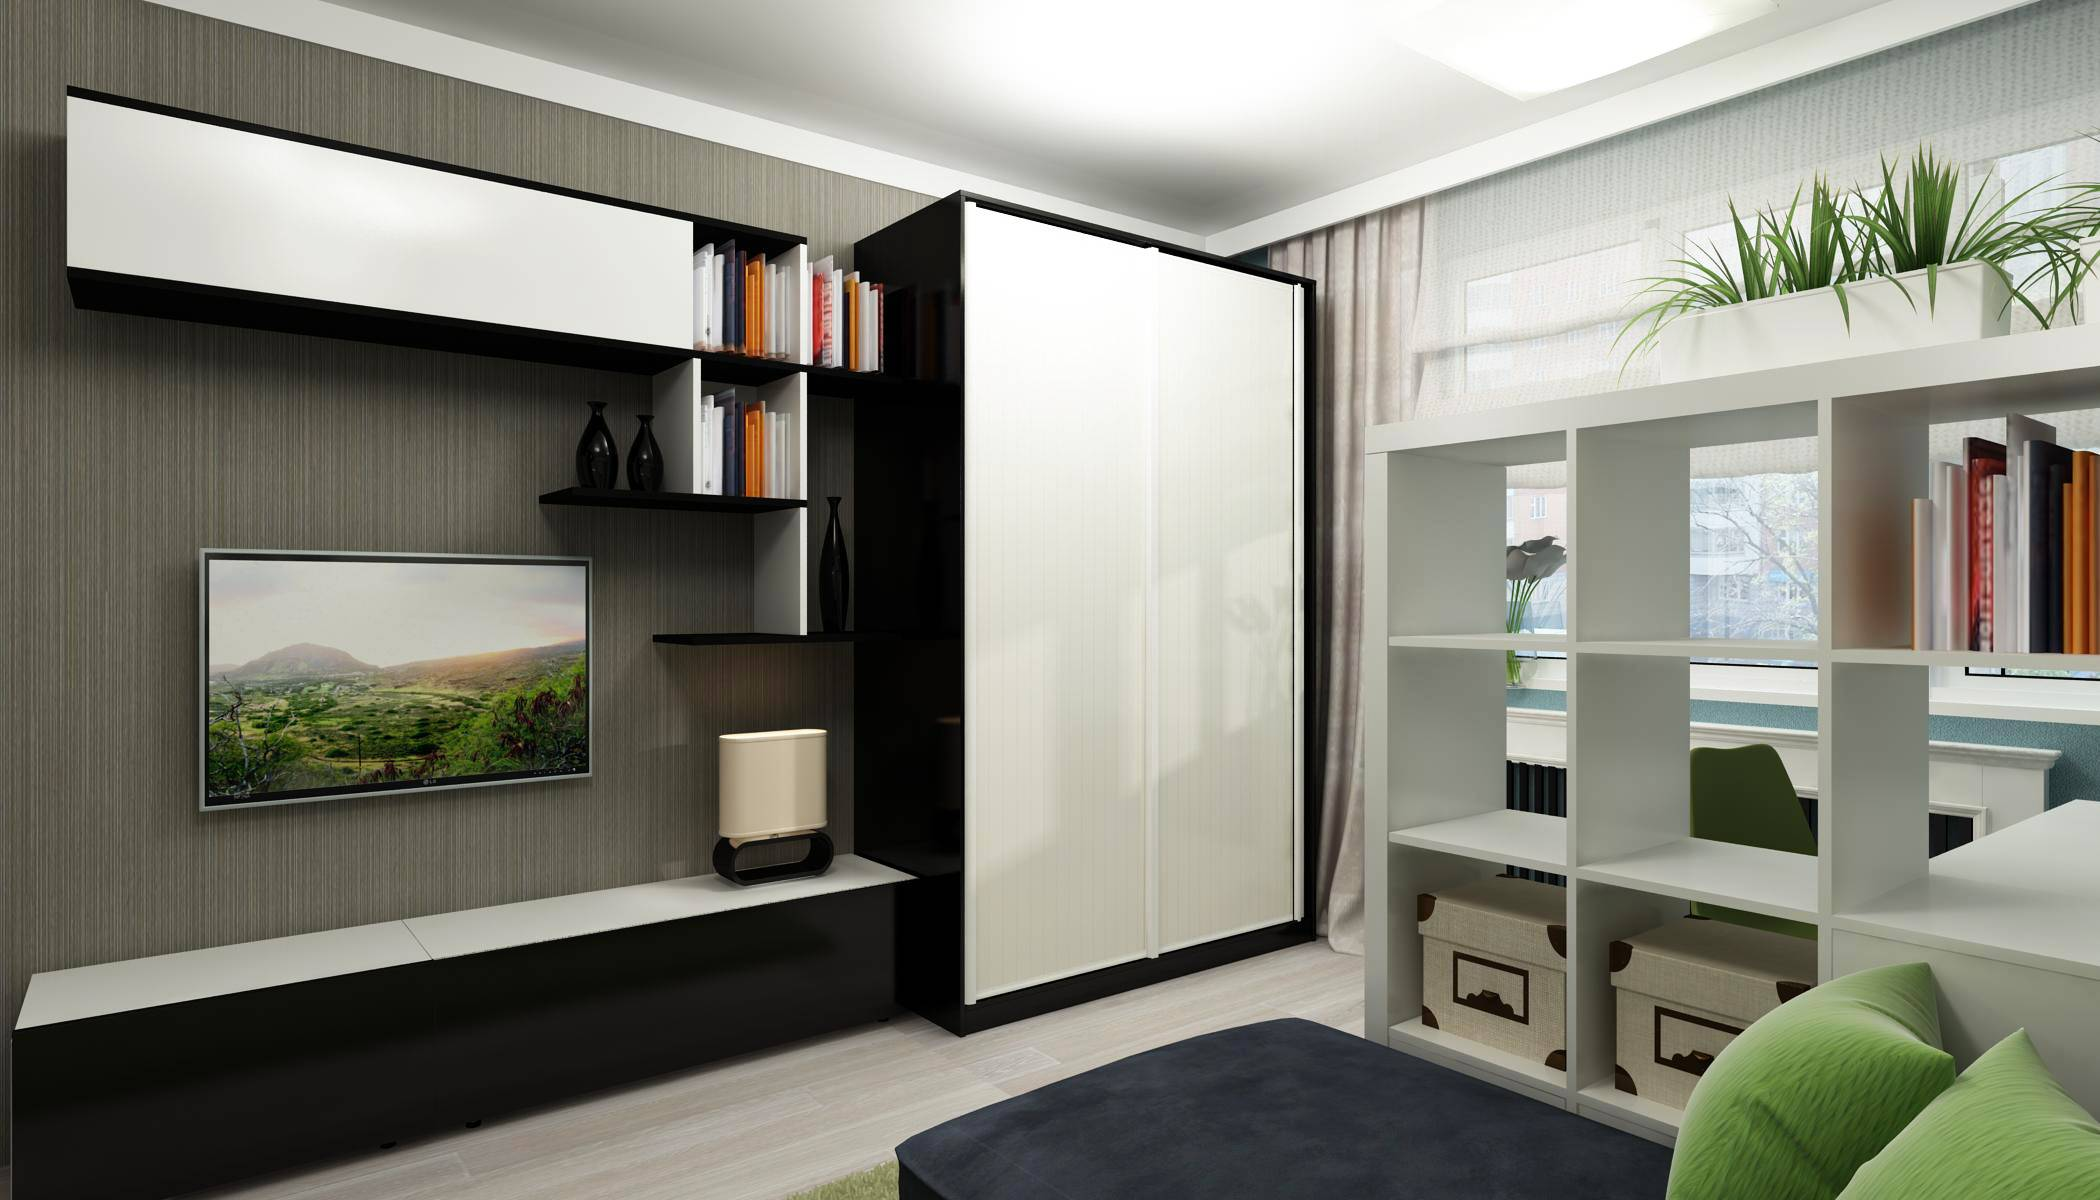 Шкаф в гостиную во всю стену — особенности интерьера и правила выбора